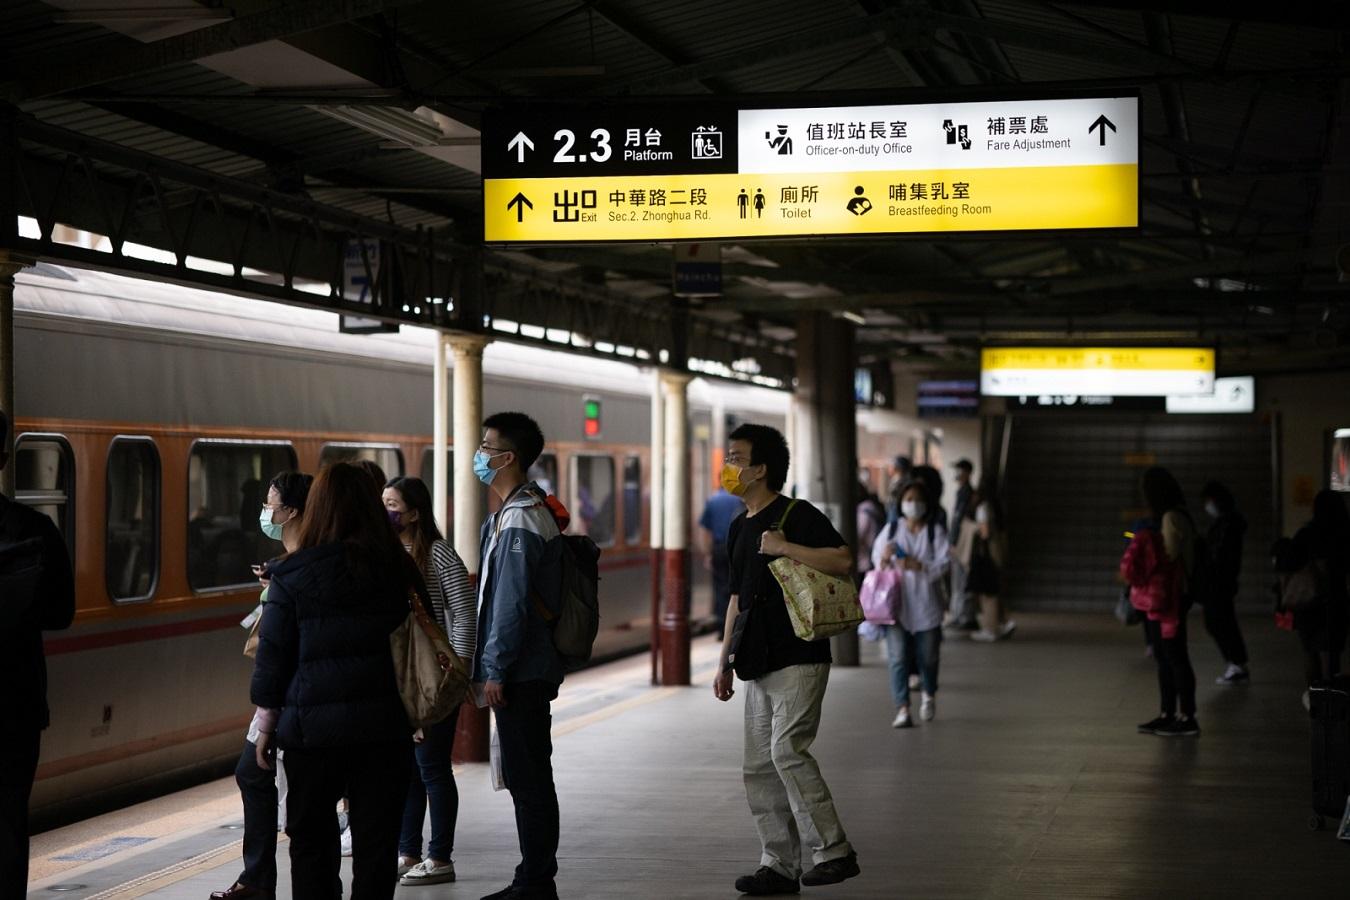 解決問題才是設計的初衷!新竹火車站微改造2.0 美感與體驗再升級